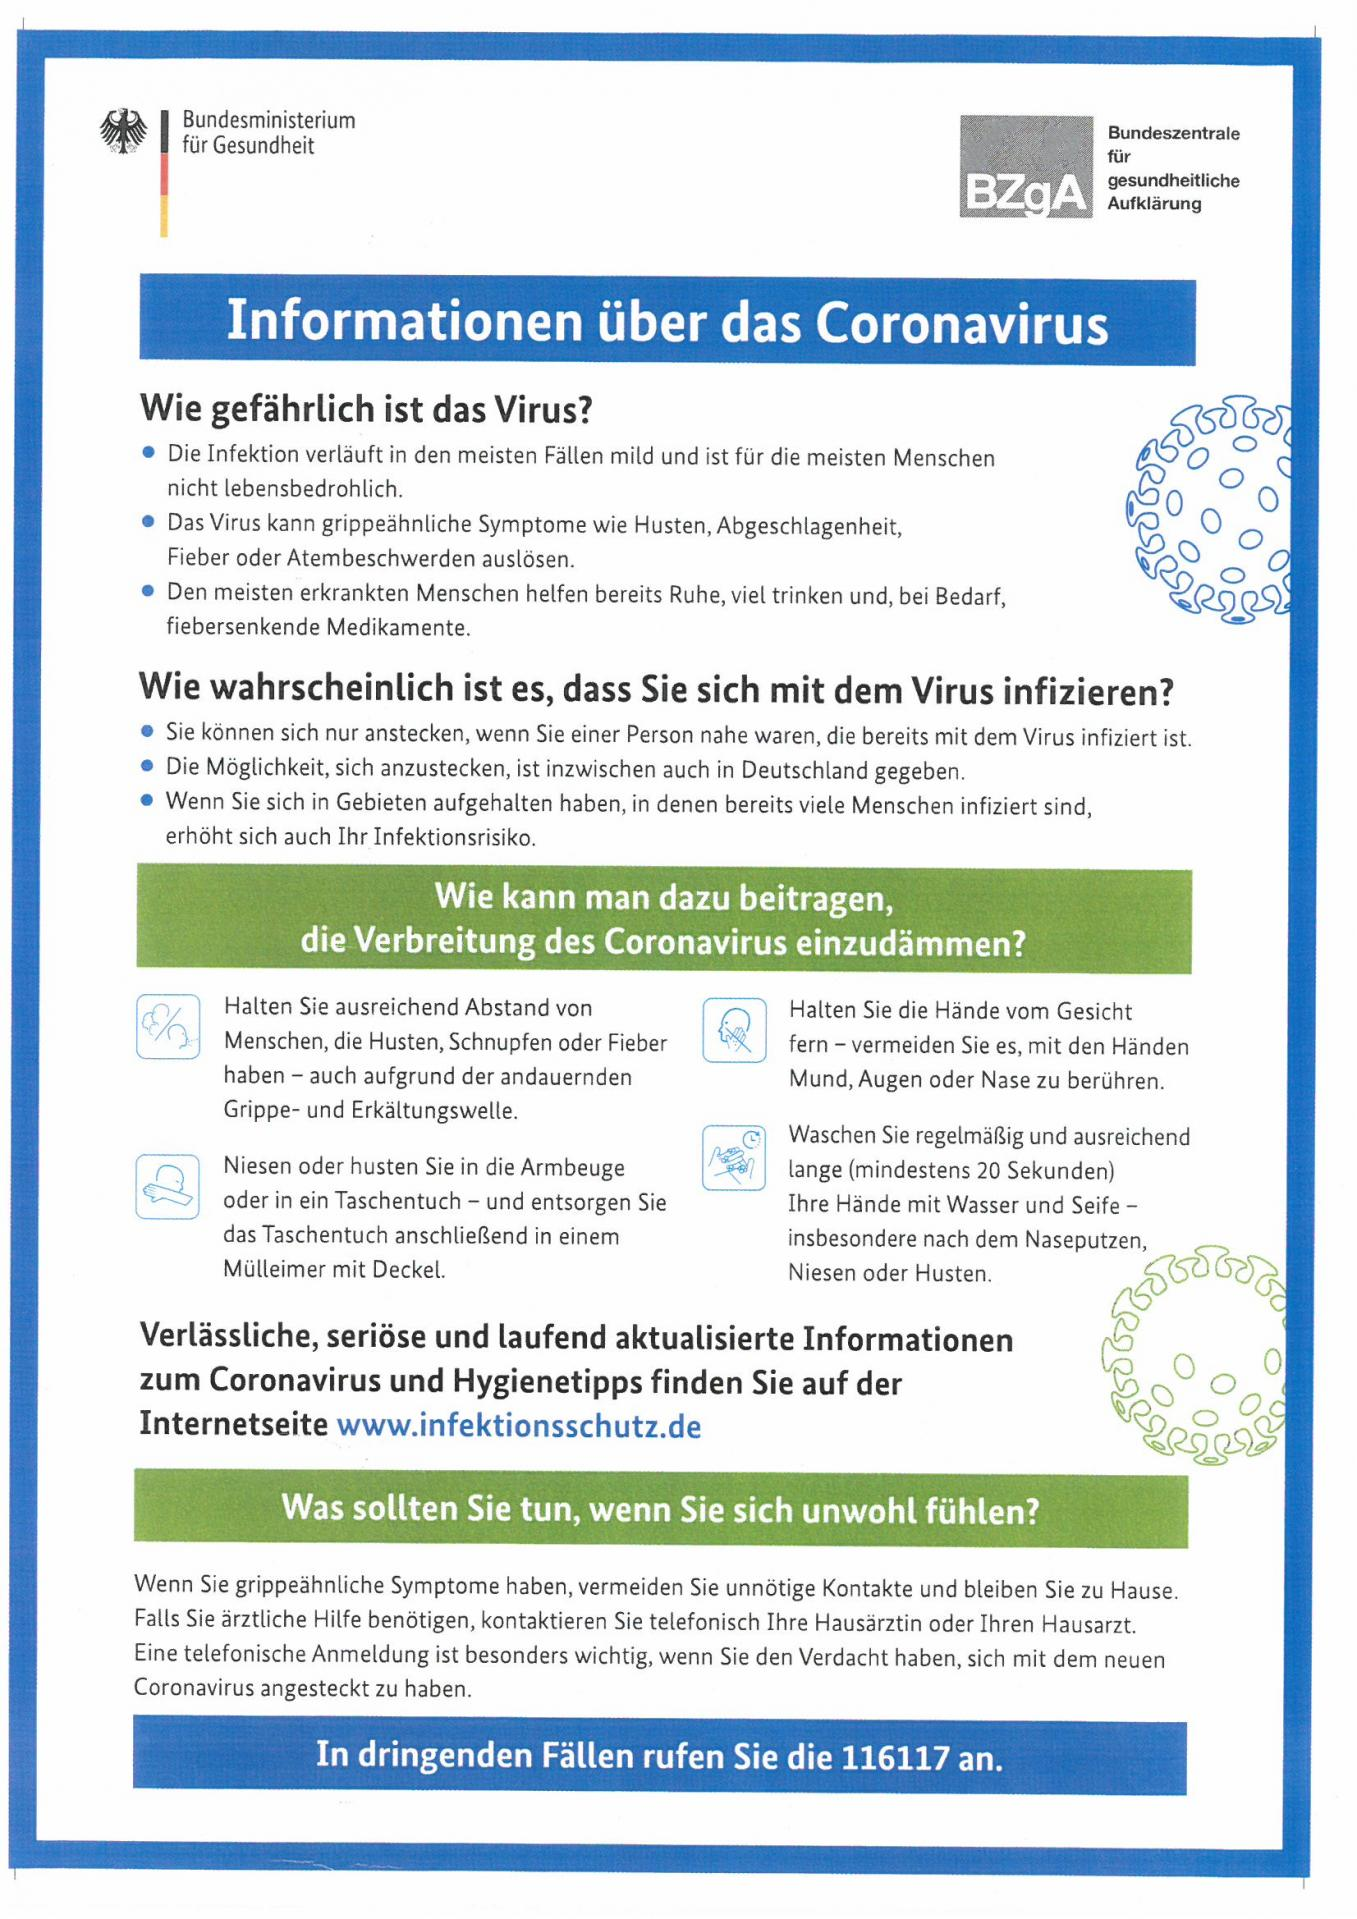 Infos_Corona